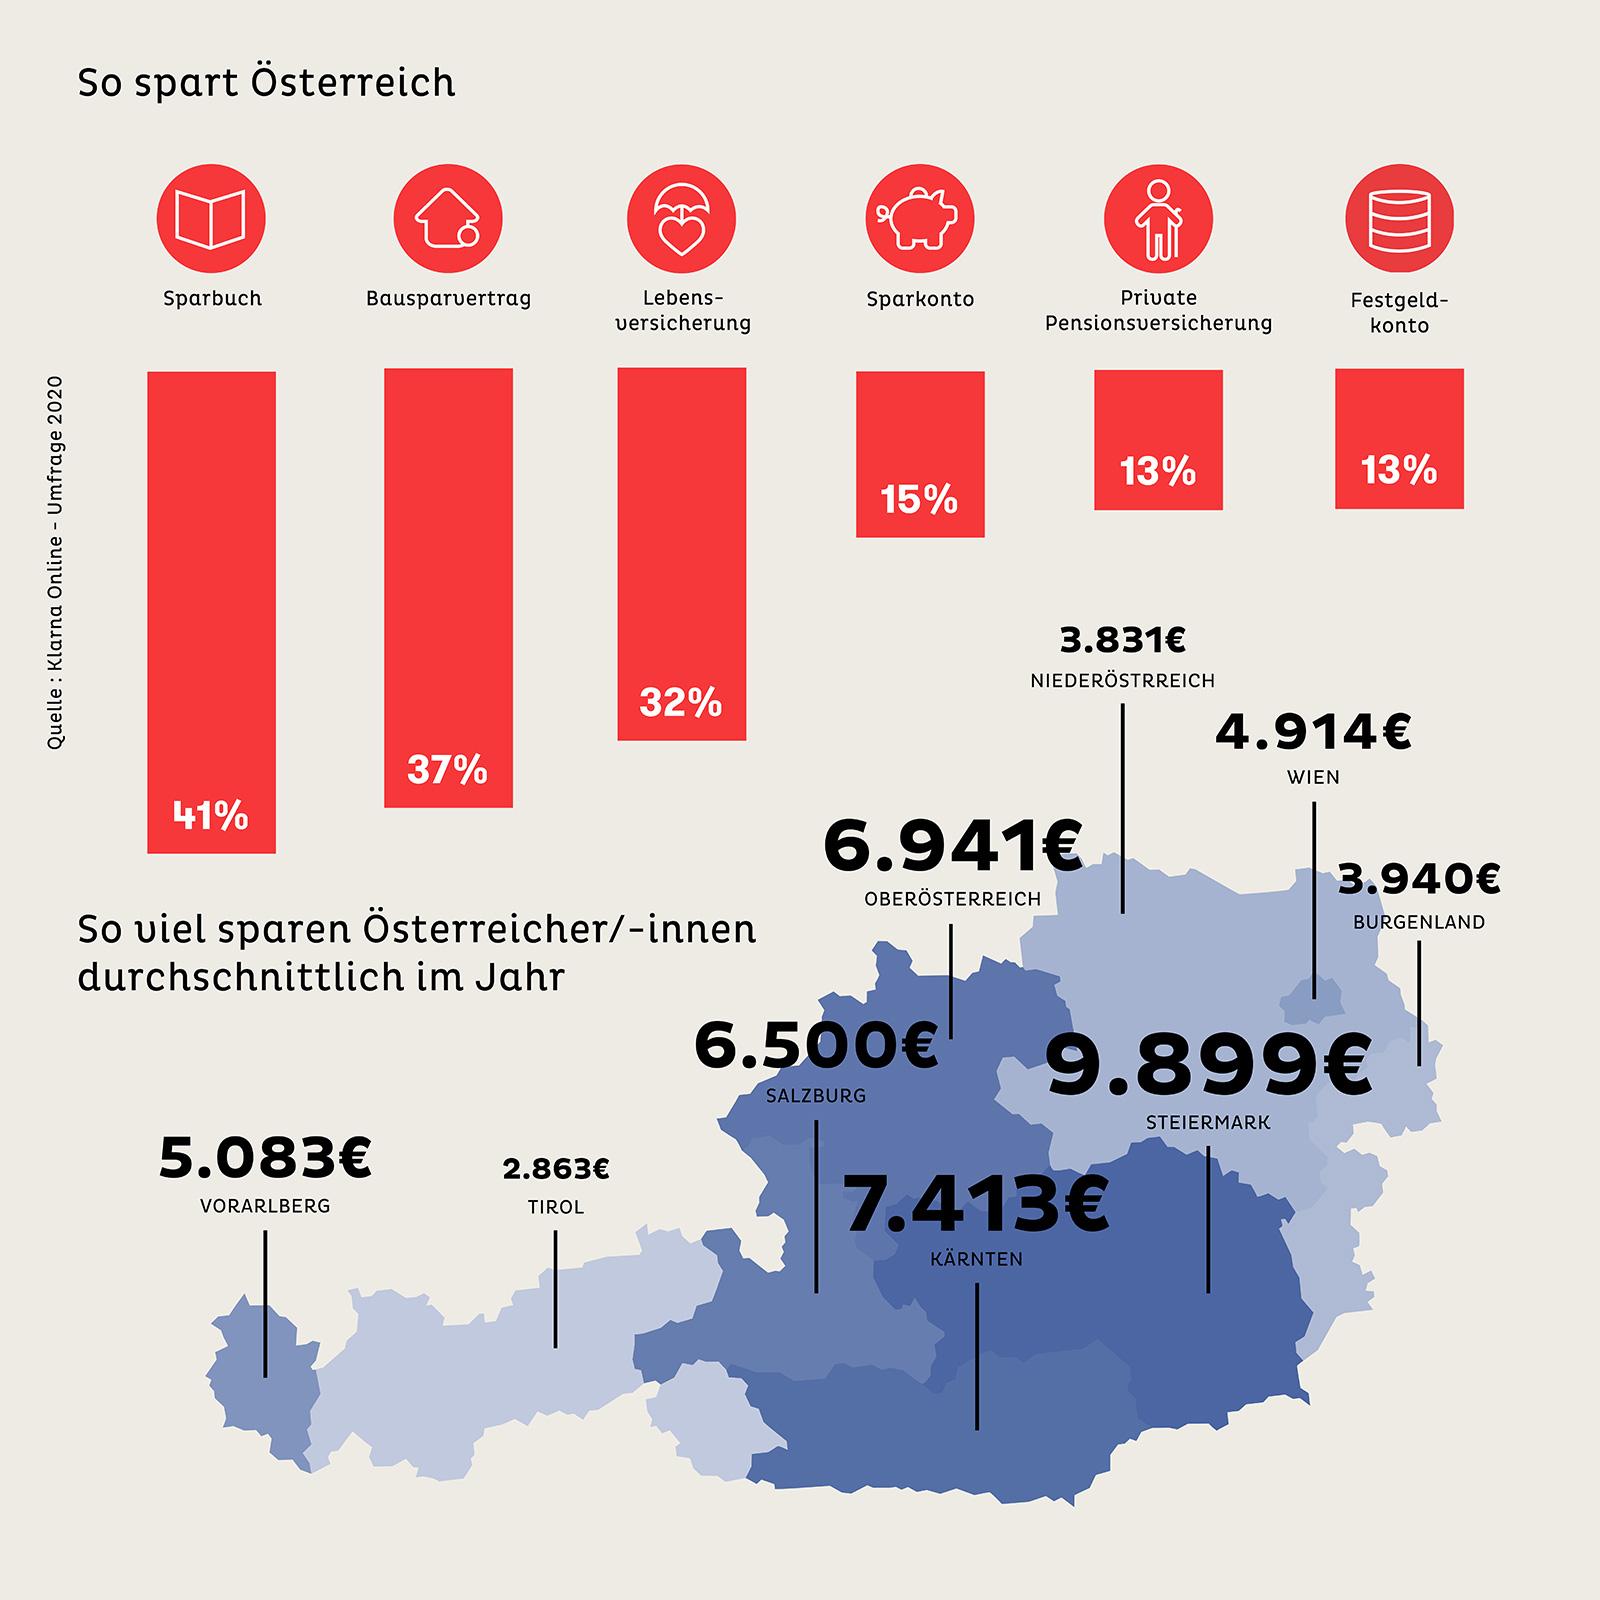 In der Steiermark wird am meisten gespart. Und das meiste Geld landet auf dem Sparbuch.